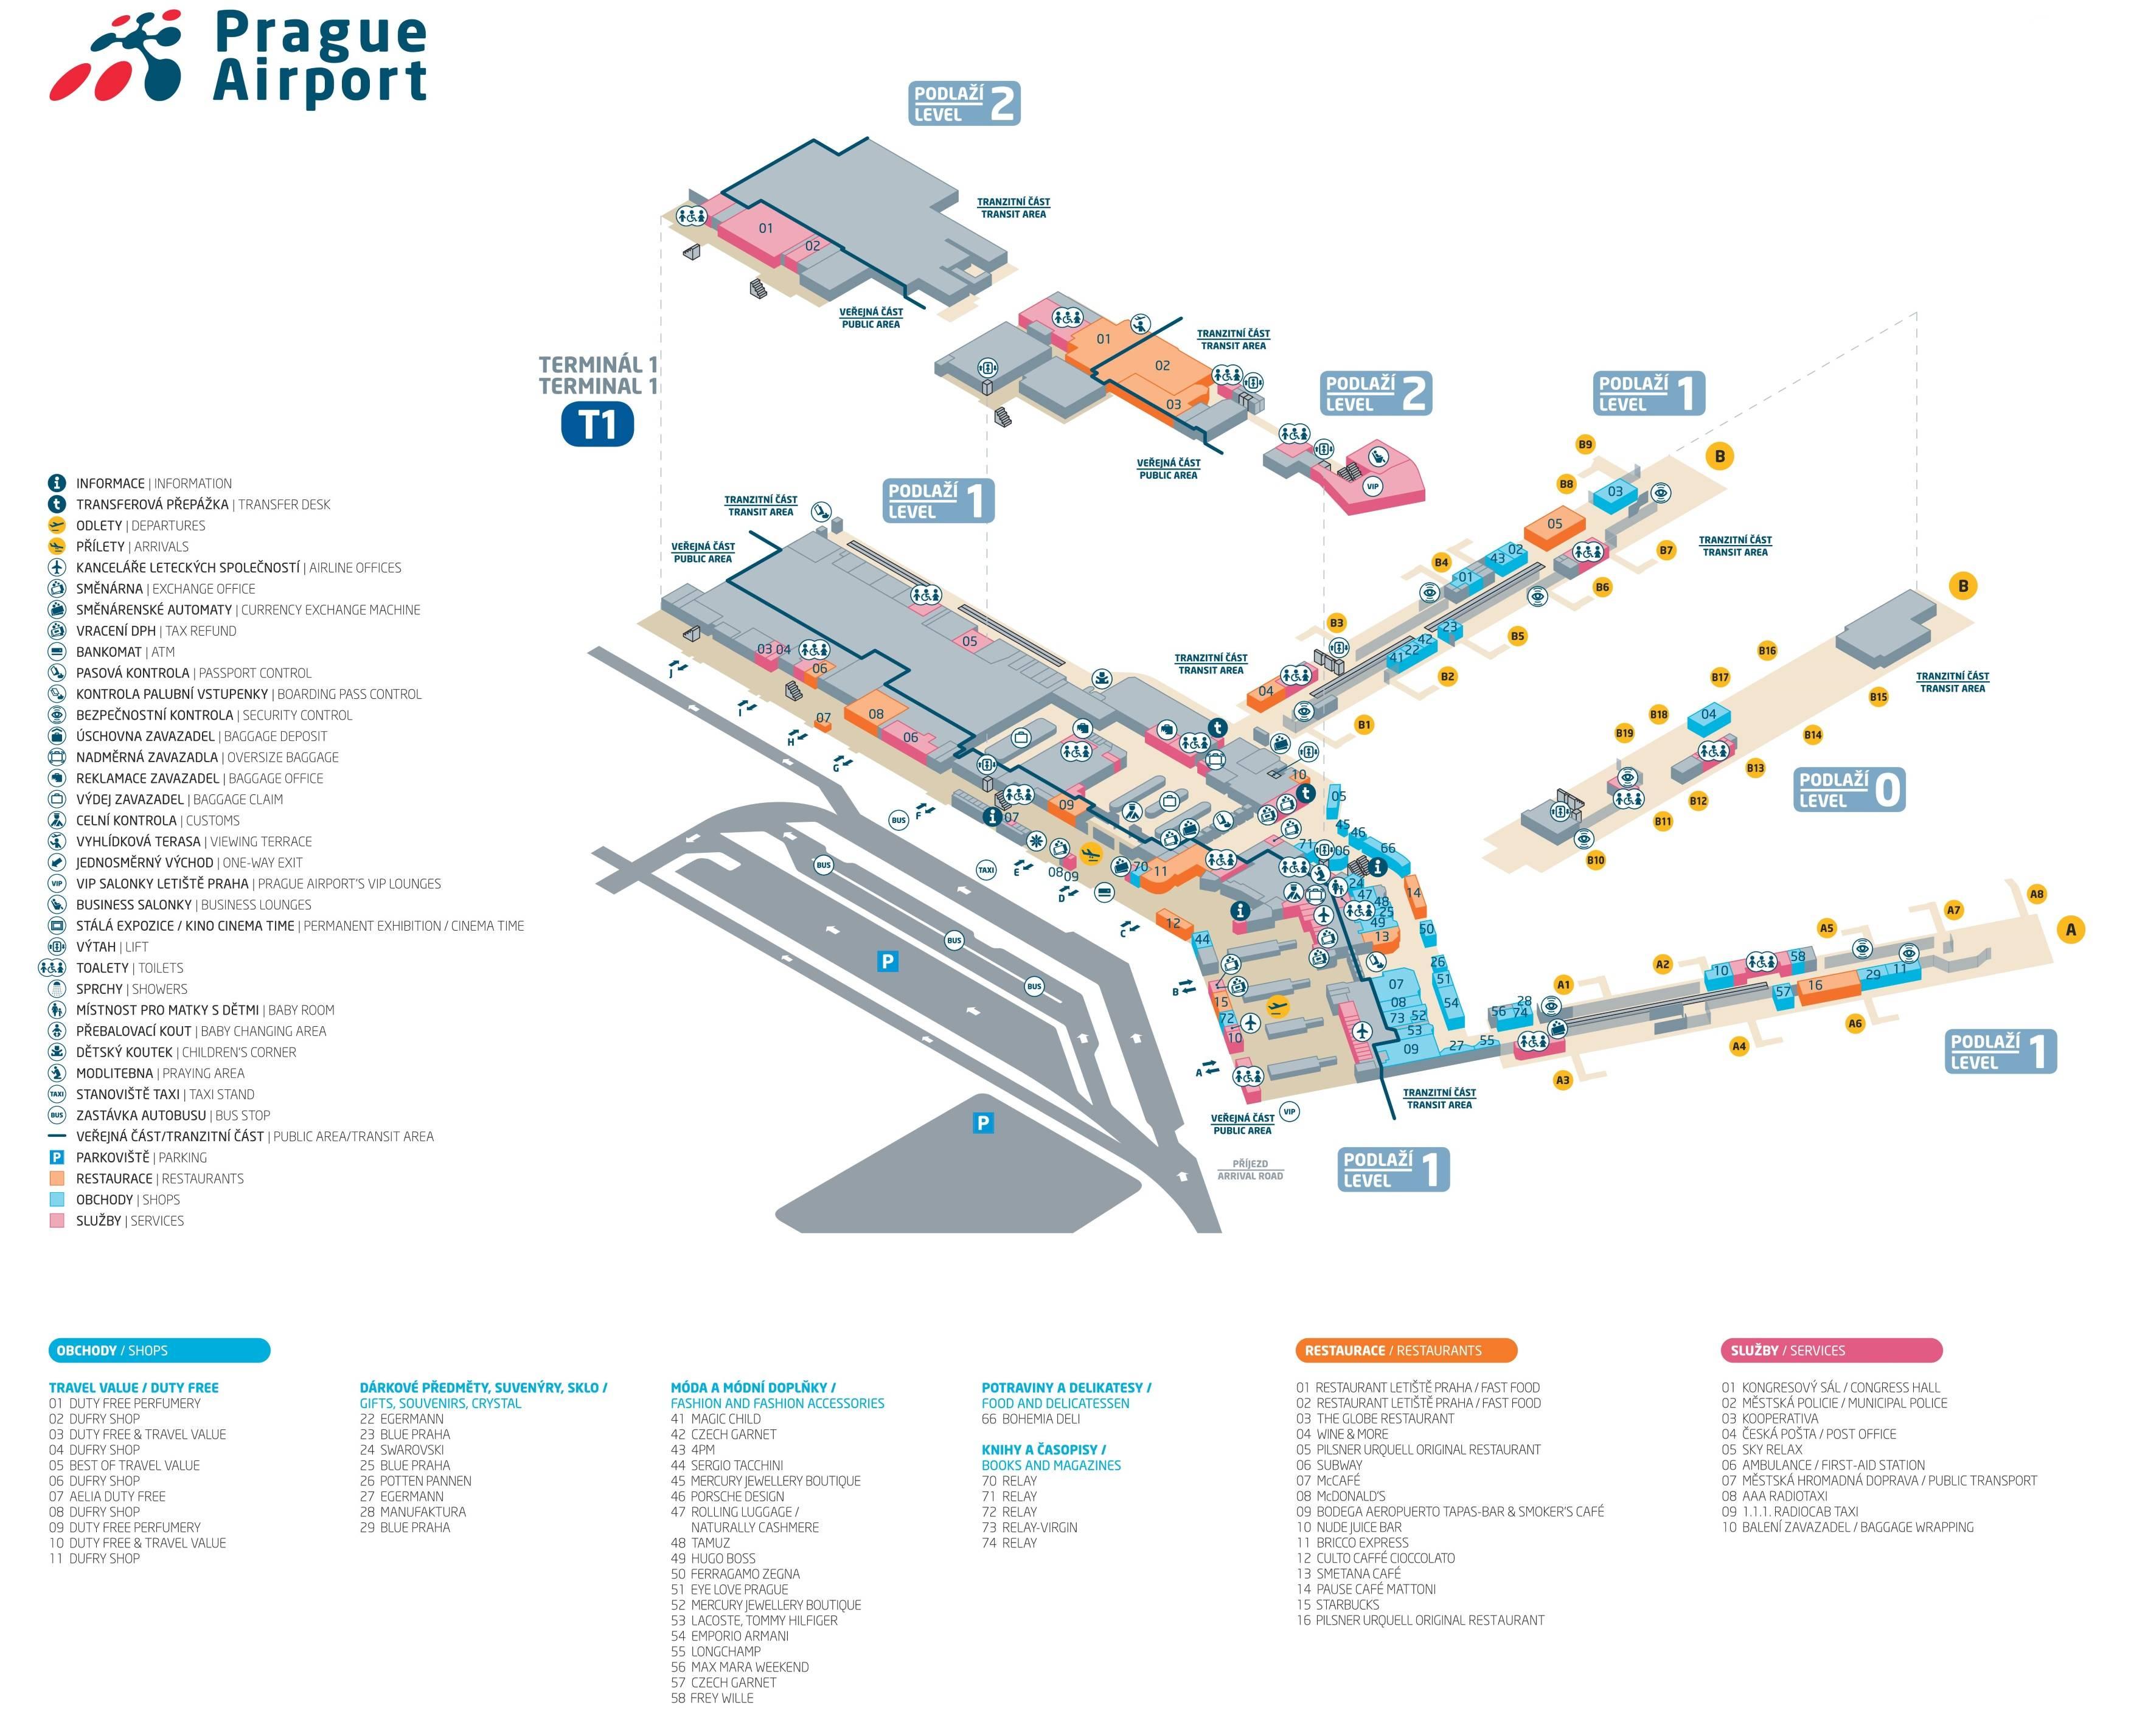 Аэропорт рузине в праге: как добраться до центра города, онлайн-табло, магазины дьюти фри в аэропорту вацлава гавела